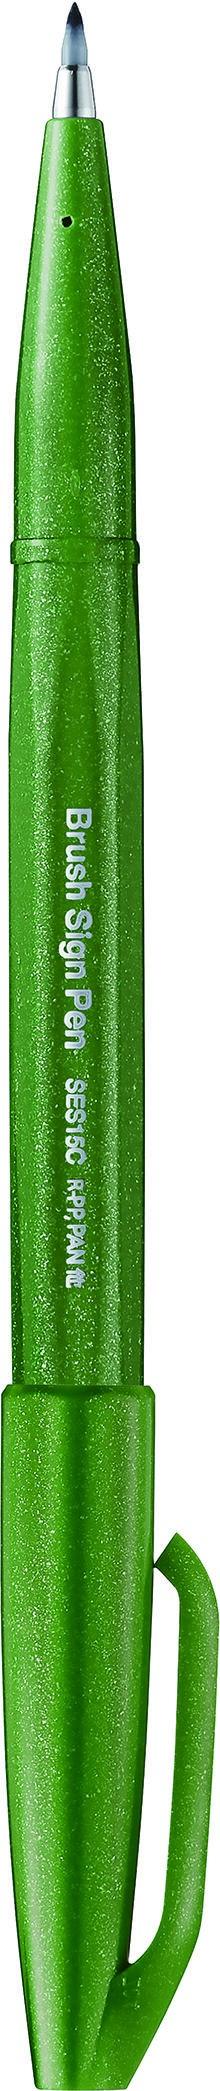 Pentel Sign pen - Feutre pinceau à pointe souple - vert olive